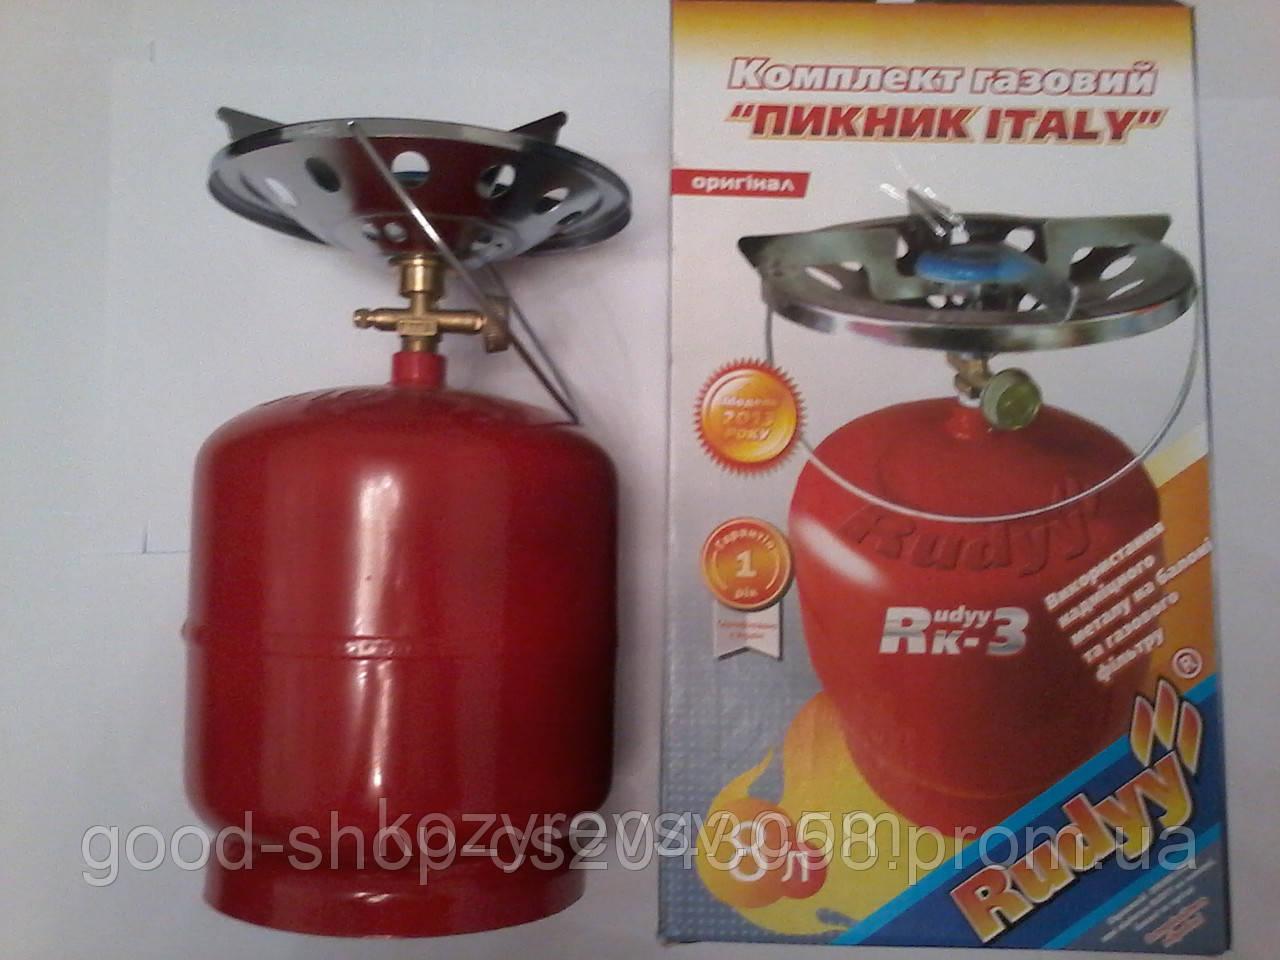 Баллон Пикник Italy Ruddy RK-1,2,3 туристический набор емкостью 2.5,5.0,8.0,12.0л.,портат.газ. примуса Лепесто